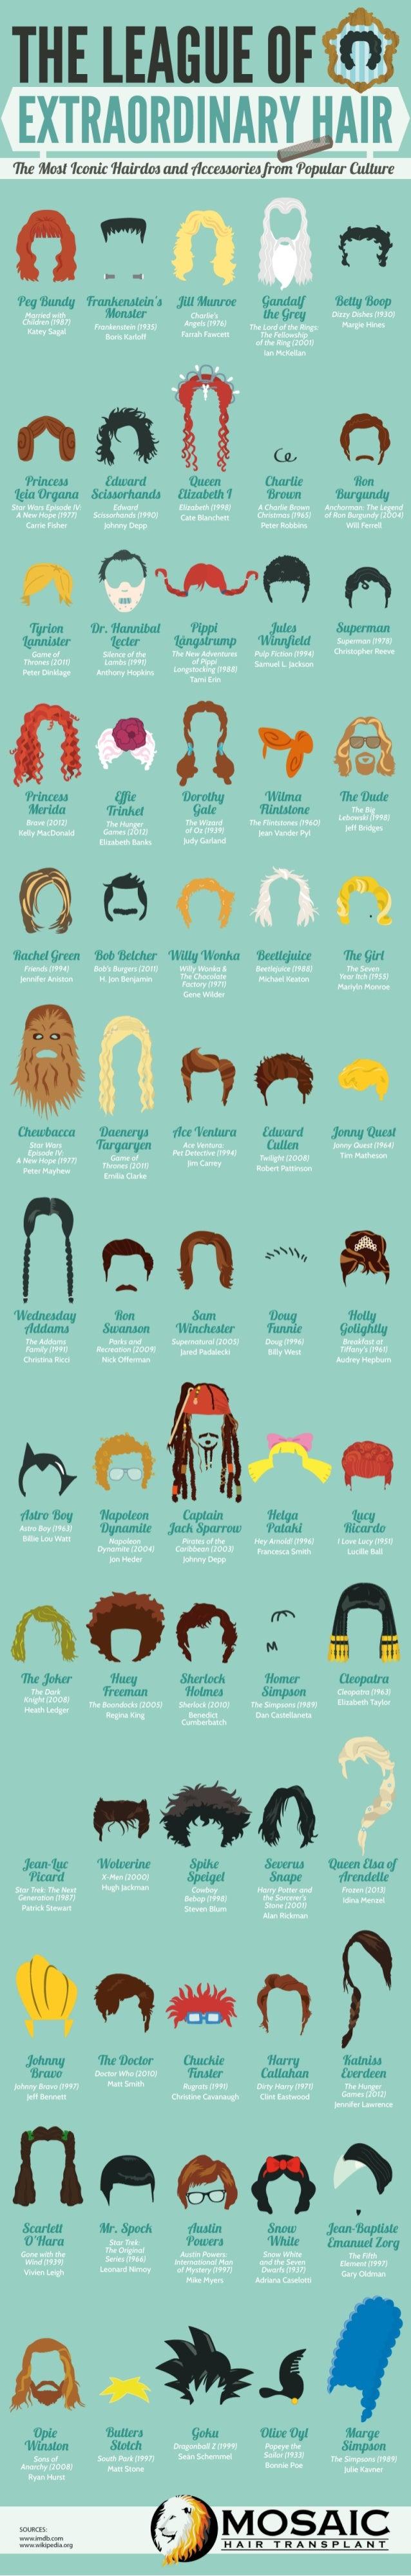 The League of Extraordinary Hair